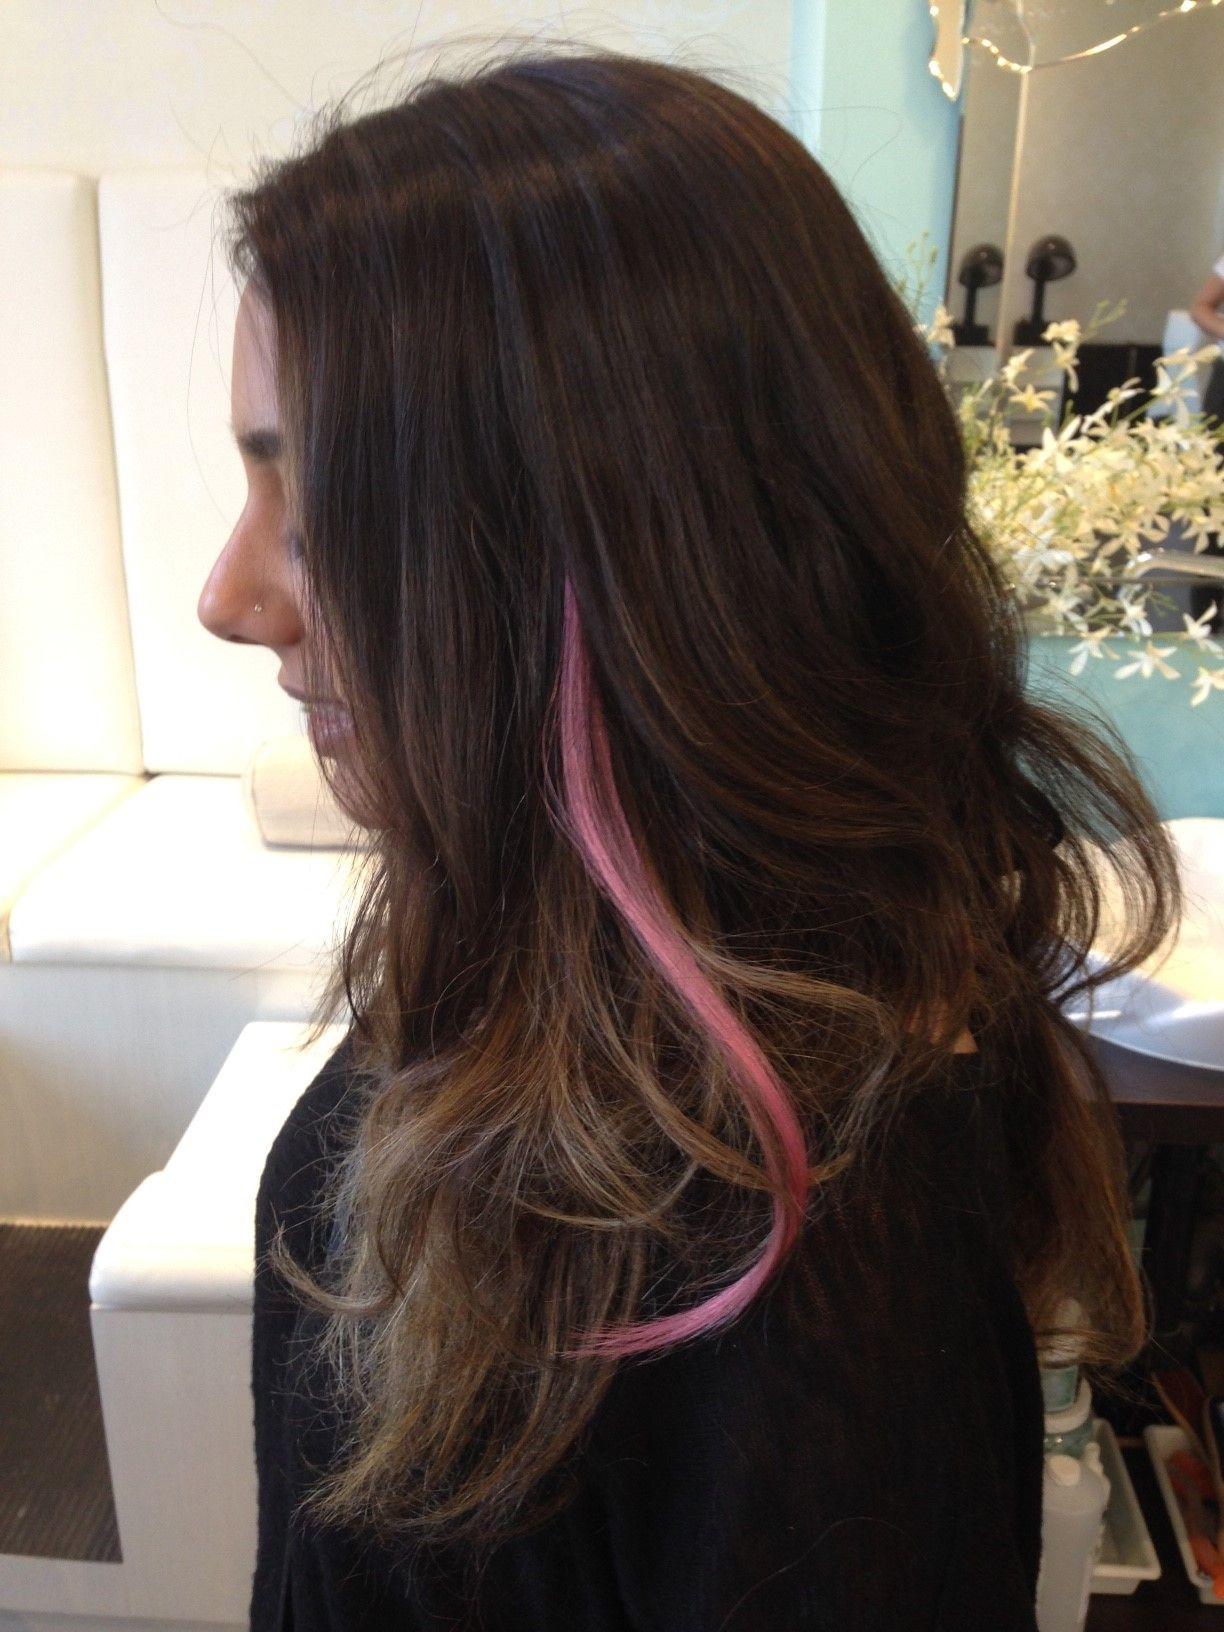 Baby Pink Streak By So Cap Originals Hair Extensions Hair Pink Streaks Long Hair Styles